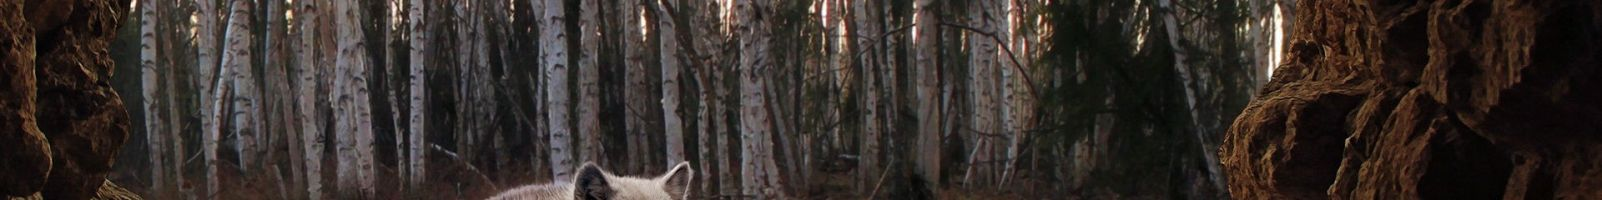 Le loup de Sharmardir : Conte psychologique